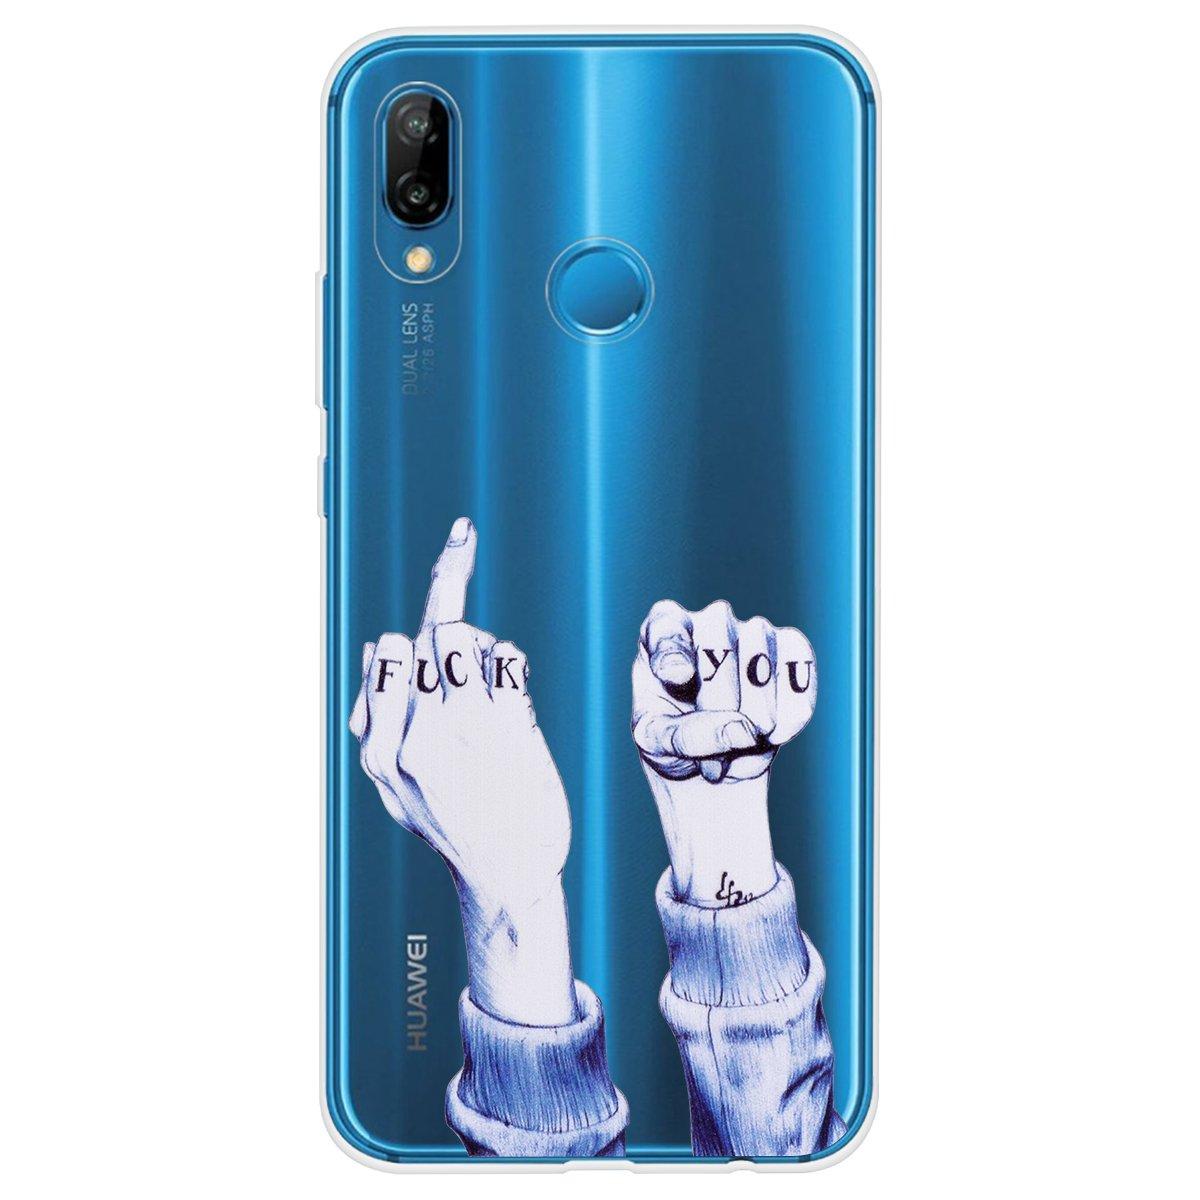 Vent Bel Chat Mignon Yokata 3X Coques pour Huawei P20 Lite Etui Silicone Souple /Étui Transparent Swag Gel Case Ultra Fine Mince Housse Antichoc Protection Motif Beau Panda